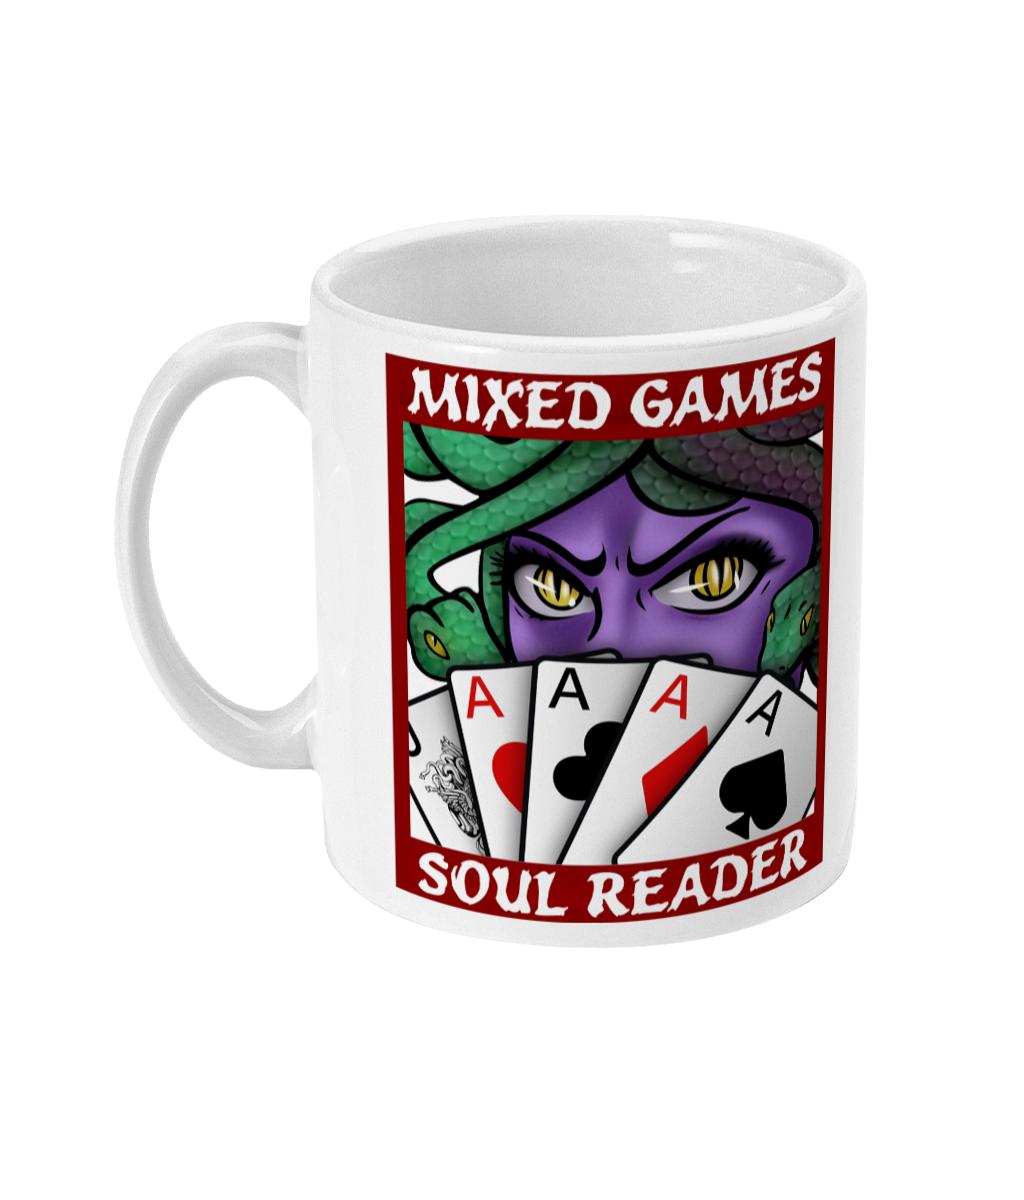 Mixed Games Soul Reader Mug